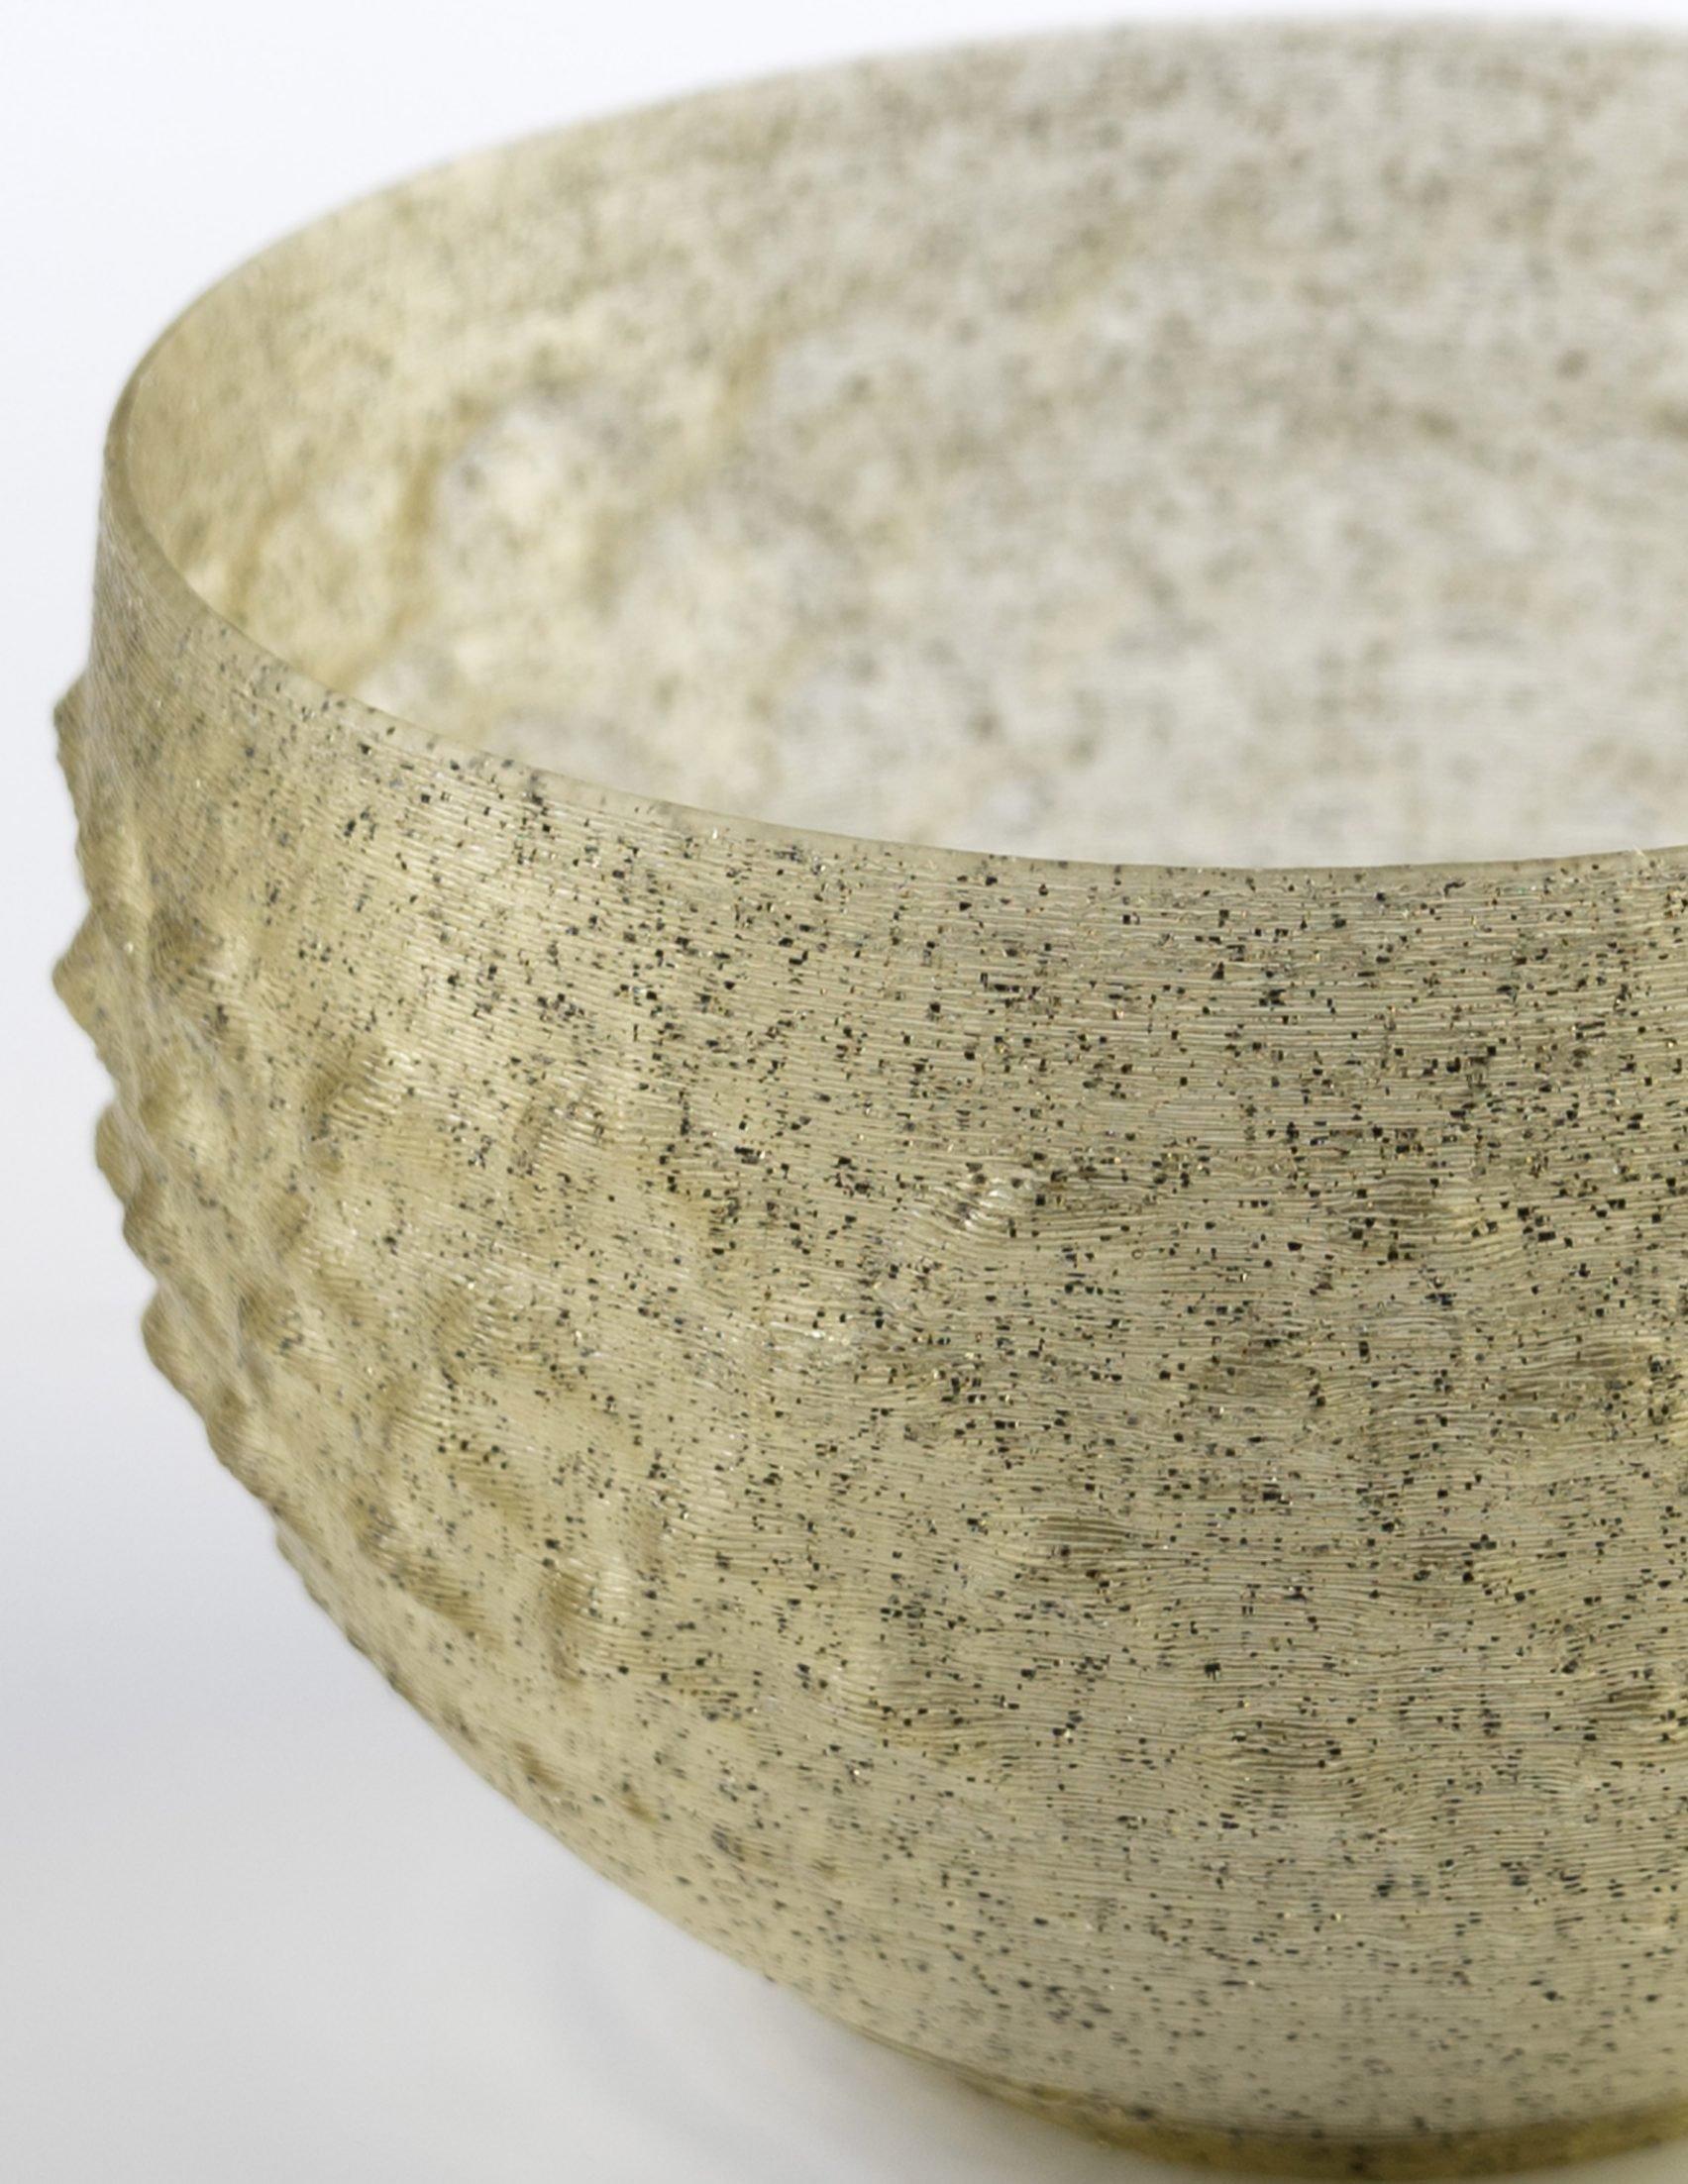 Designers holandeses transformam algas em bioplástico para impressão em 3D 7